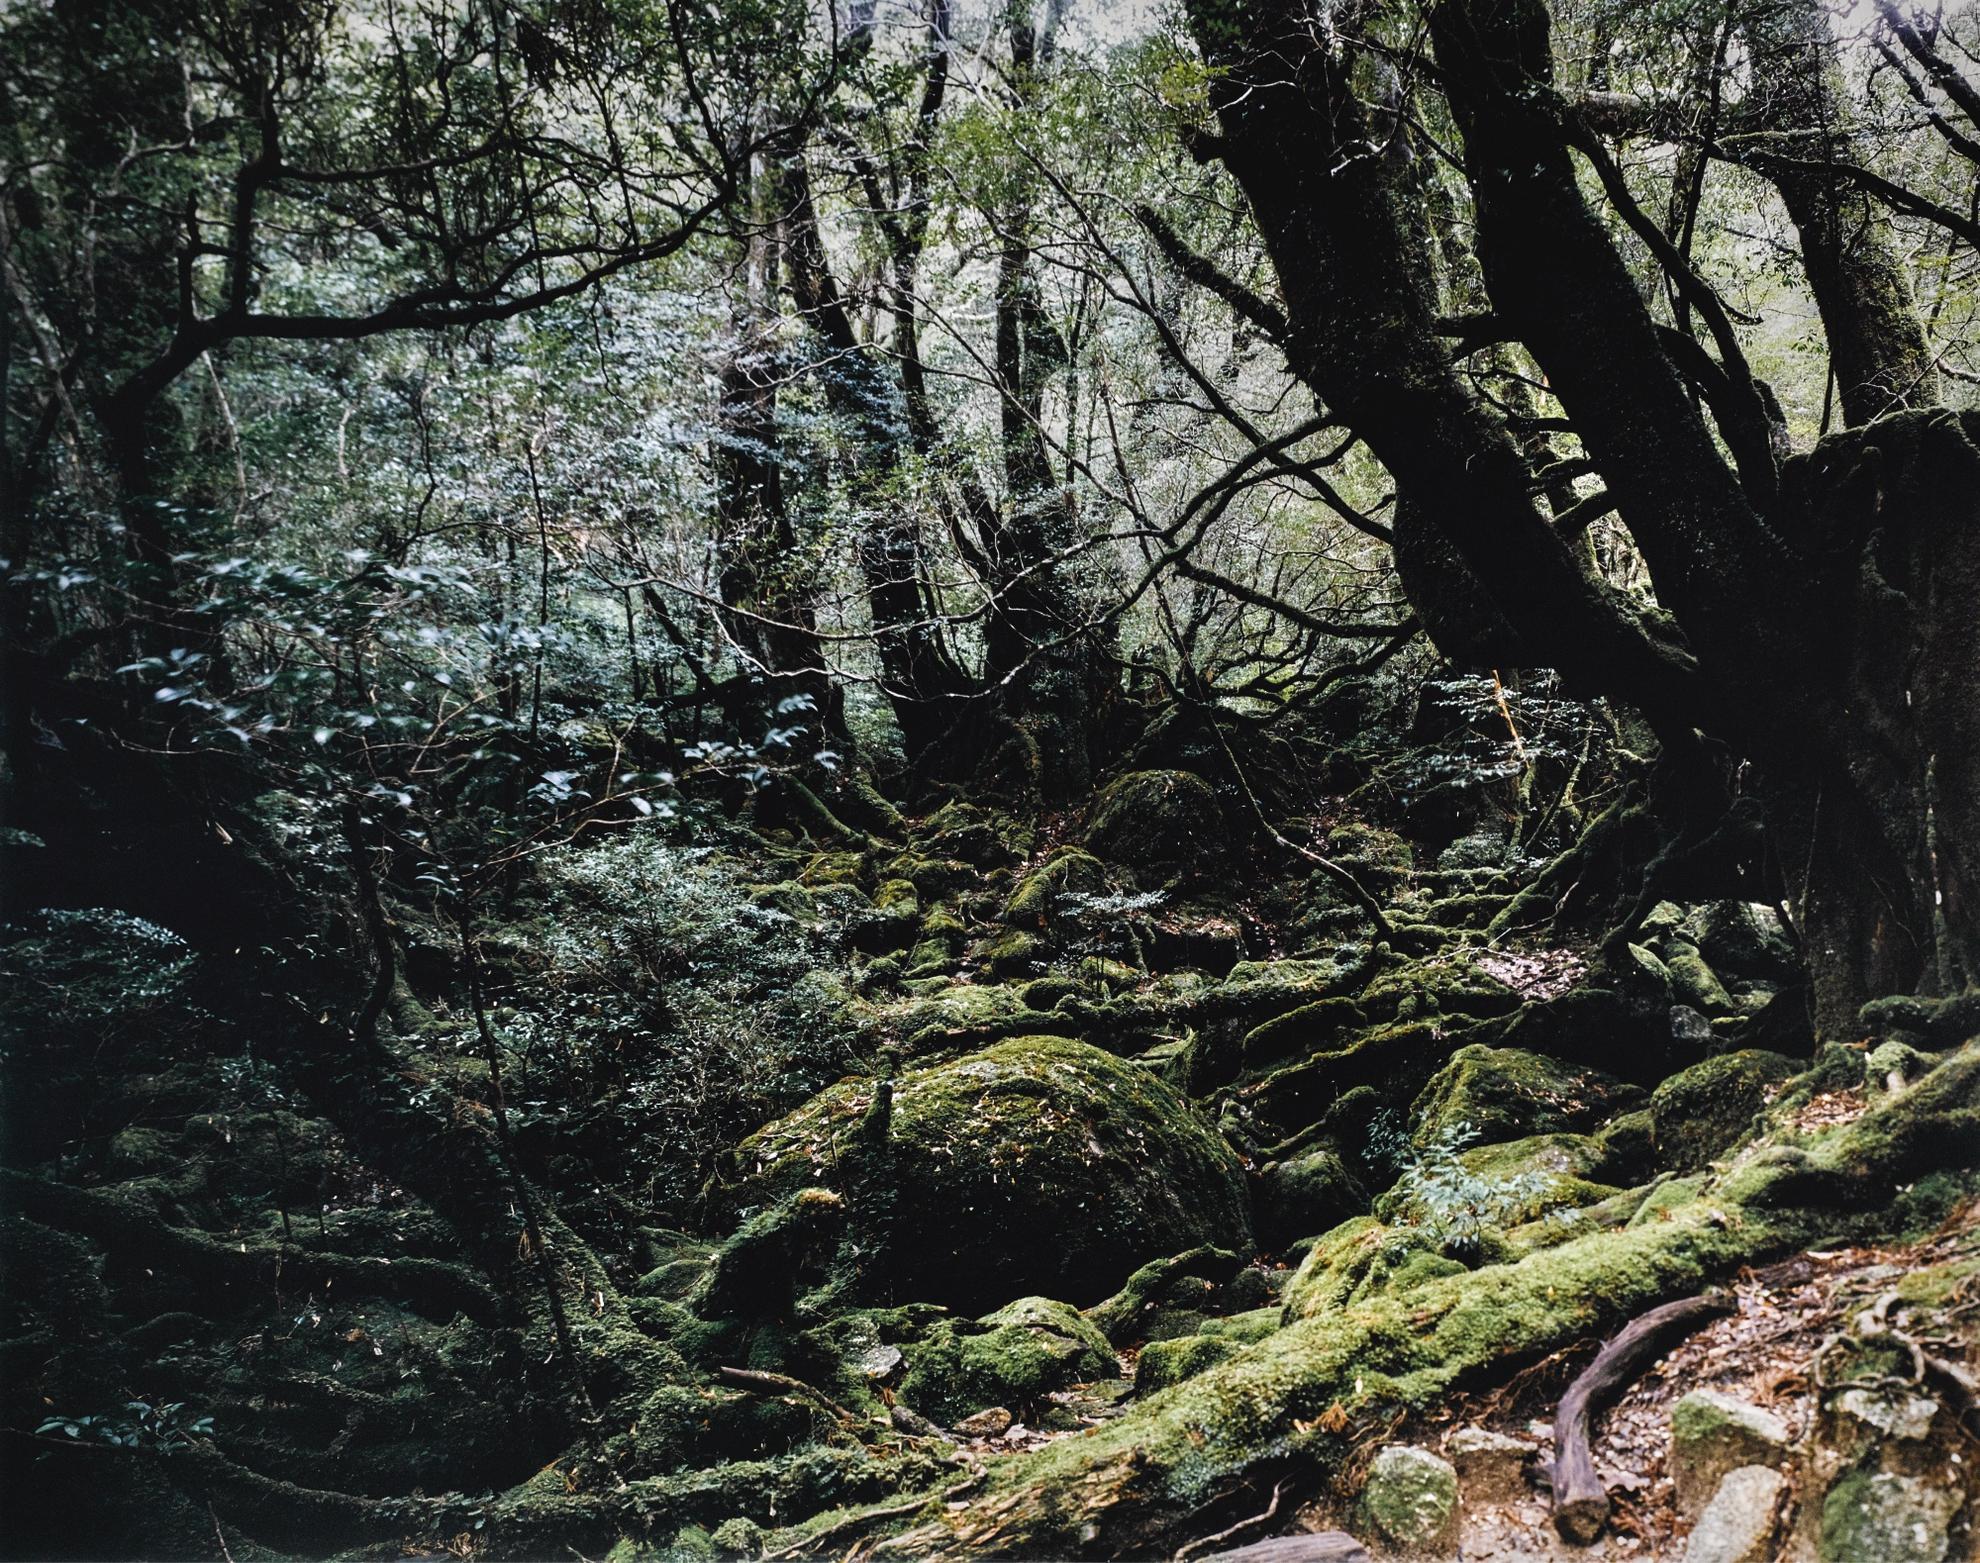 Thomas Struth-Paradise 13, Yakushima/Japan-1999